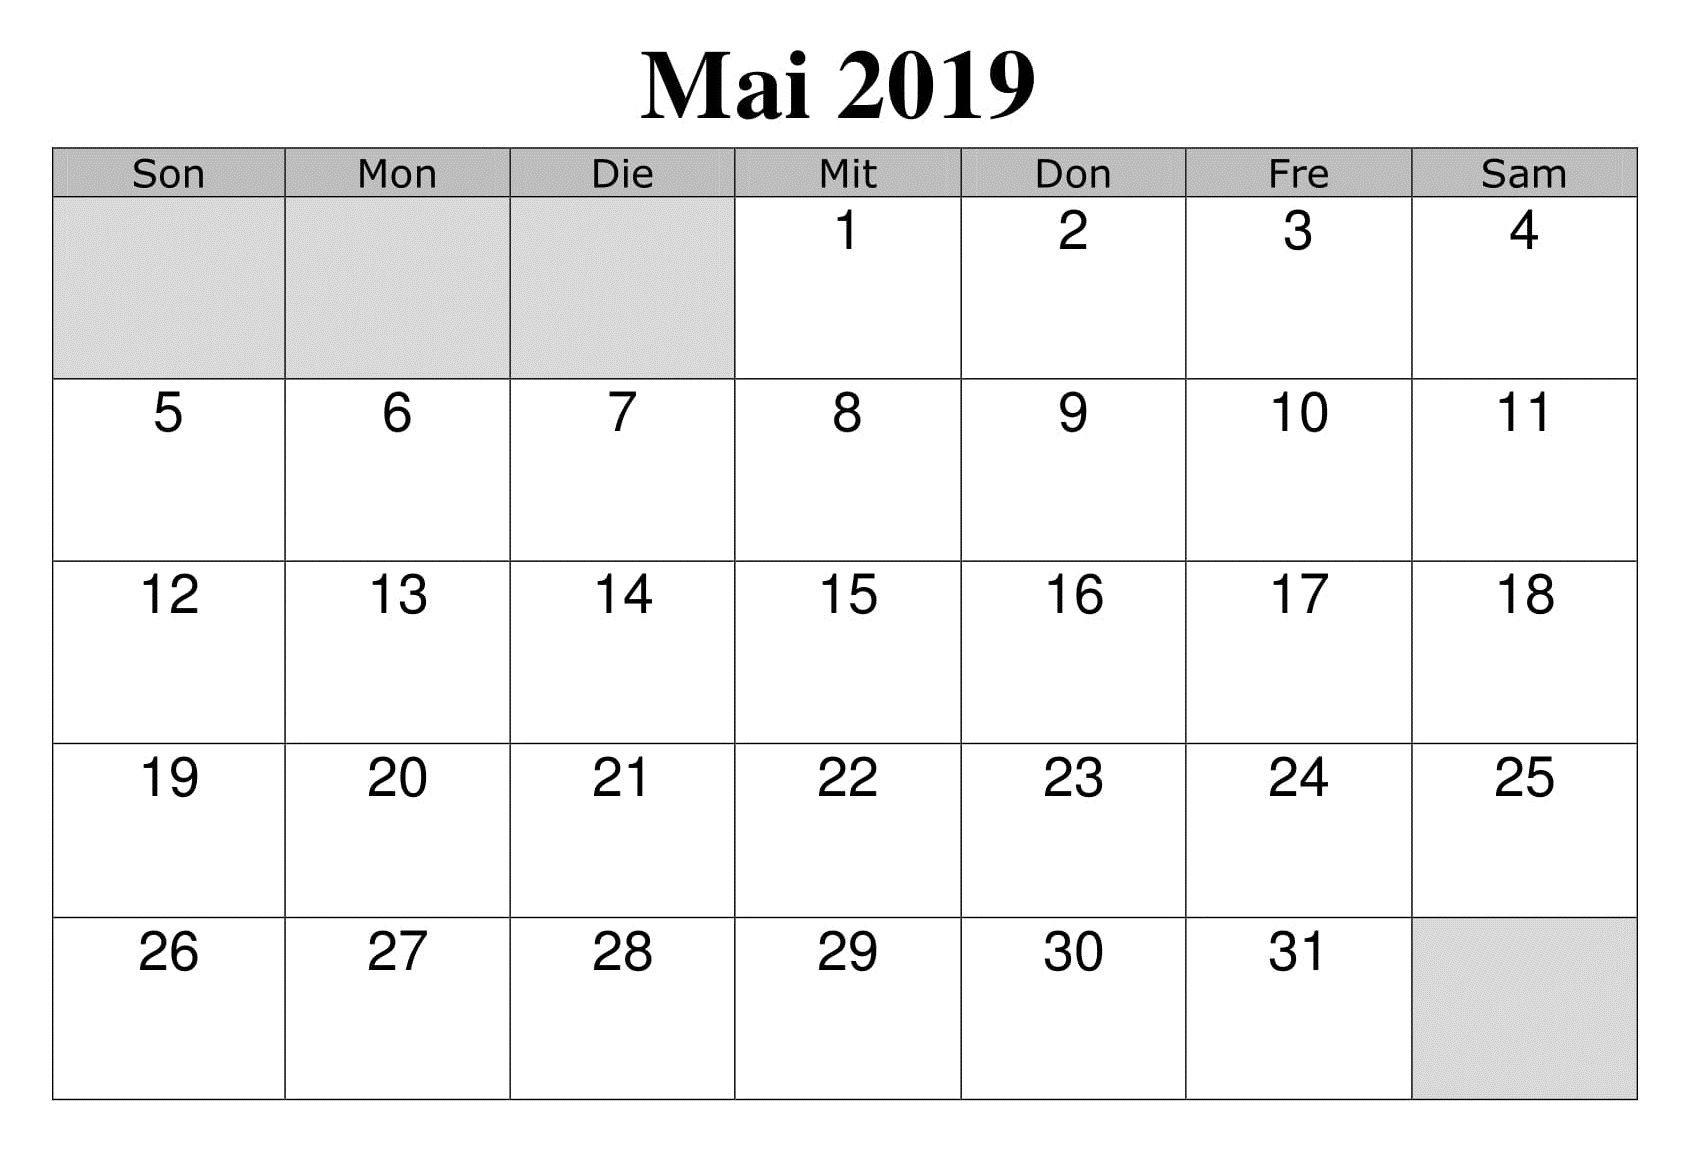 Calendario 2019 Abril Y Mayo Recientes Calendrier Avril 2019 Pdf Editable Of Calendario 2019 Abril Y Mayo Más Recientes Calendario Marzo 2019 Argentina Para Imprimir